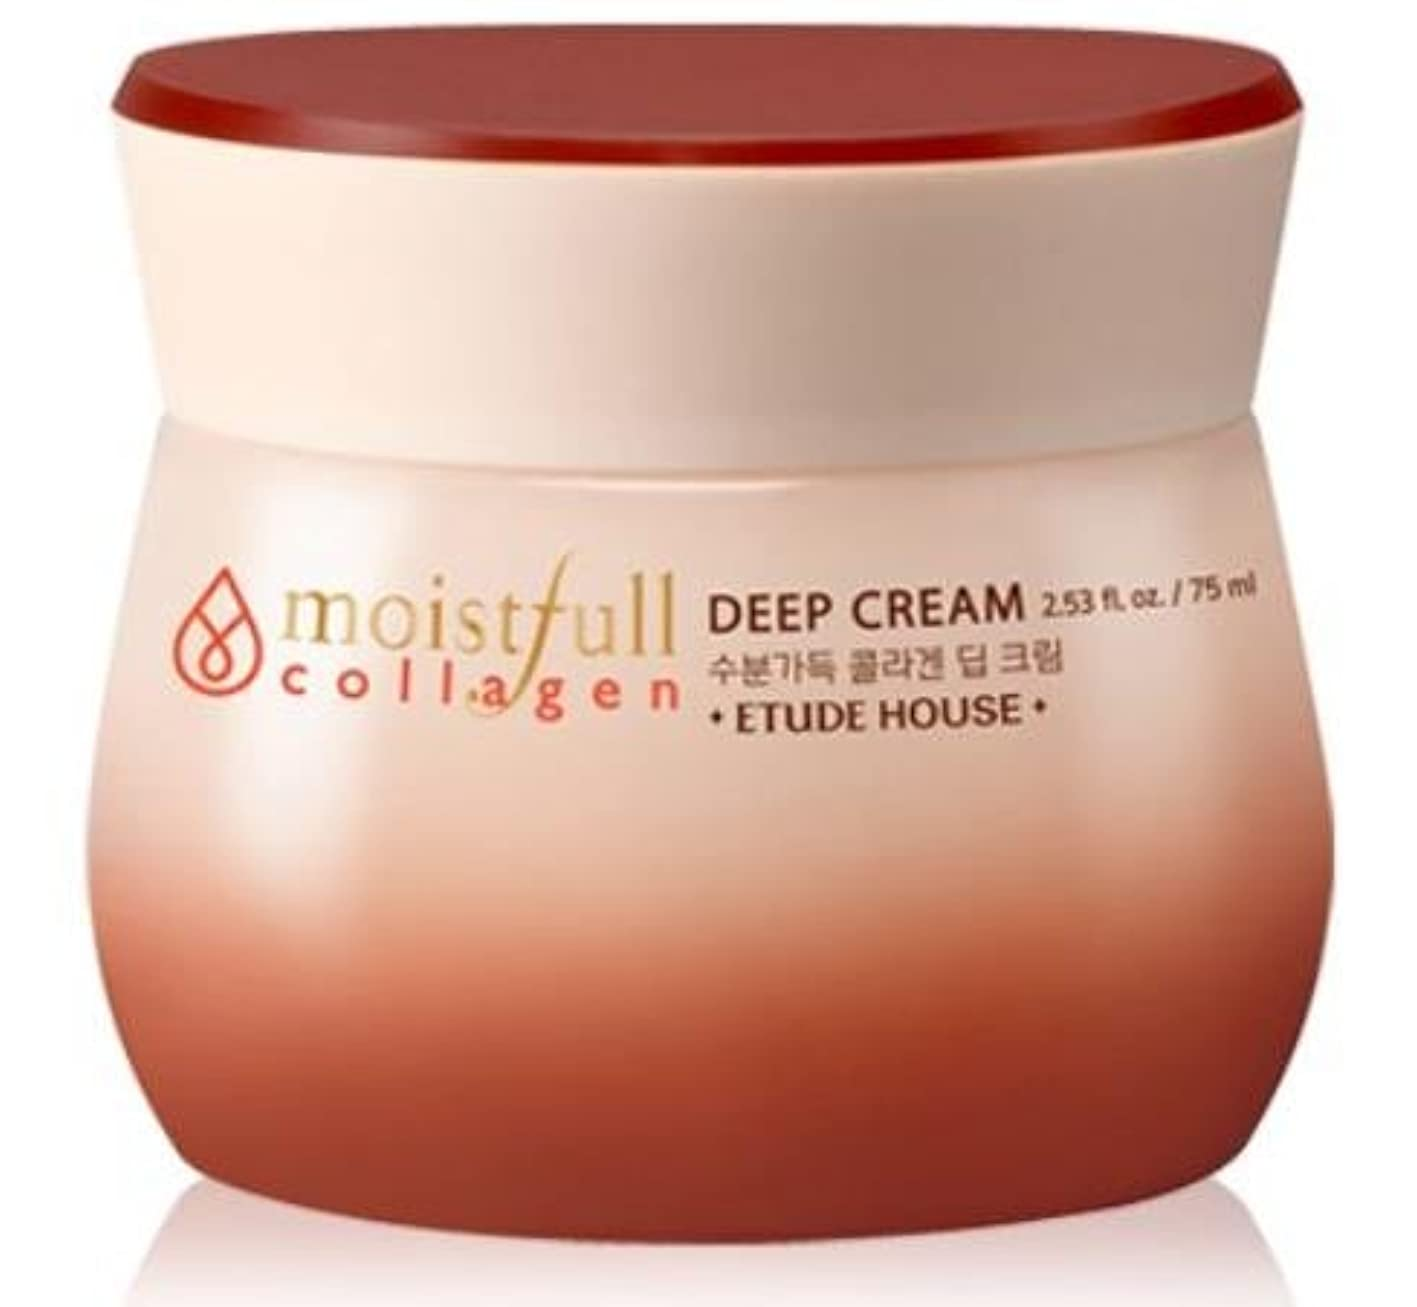 聖職者フライカイト移動[エチュードハウス] ETUDE HOUSE [モイストフルコラーゲ 深いクリーム] (Moistfull Collagen Deep Cream) [並行輸入品]